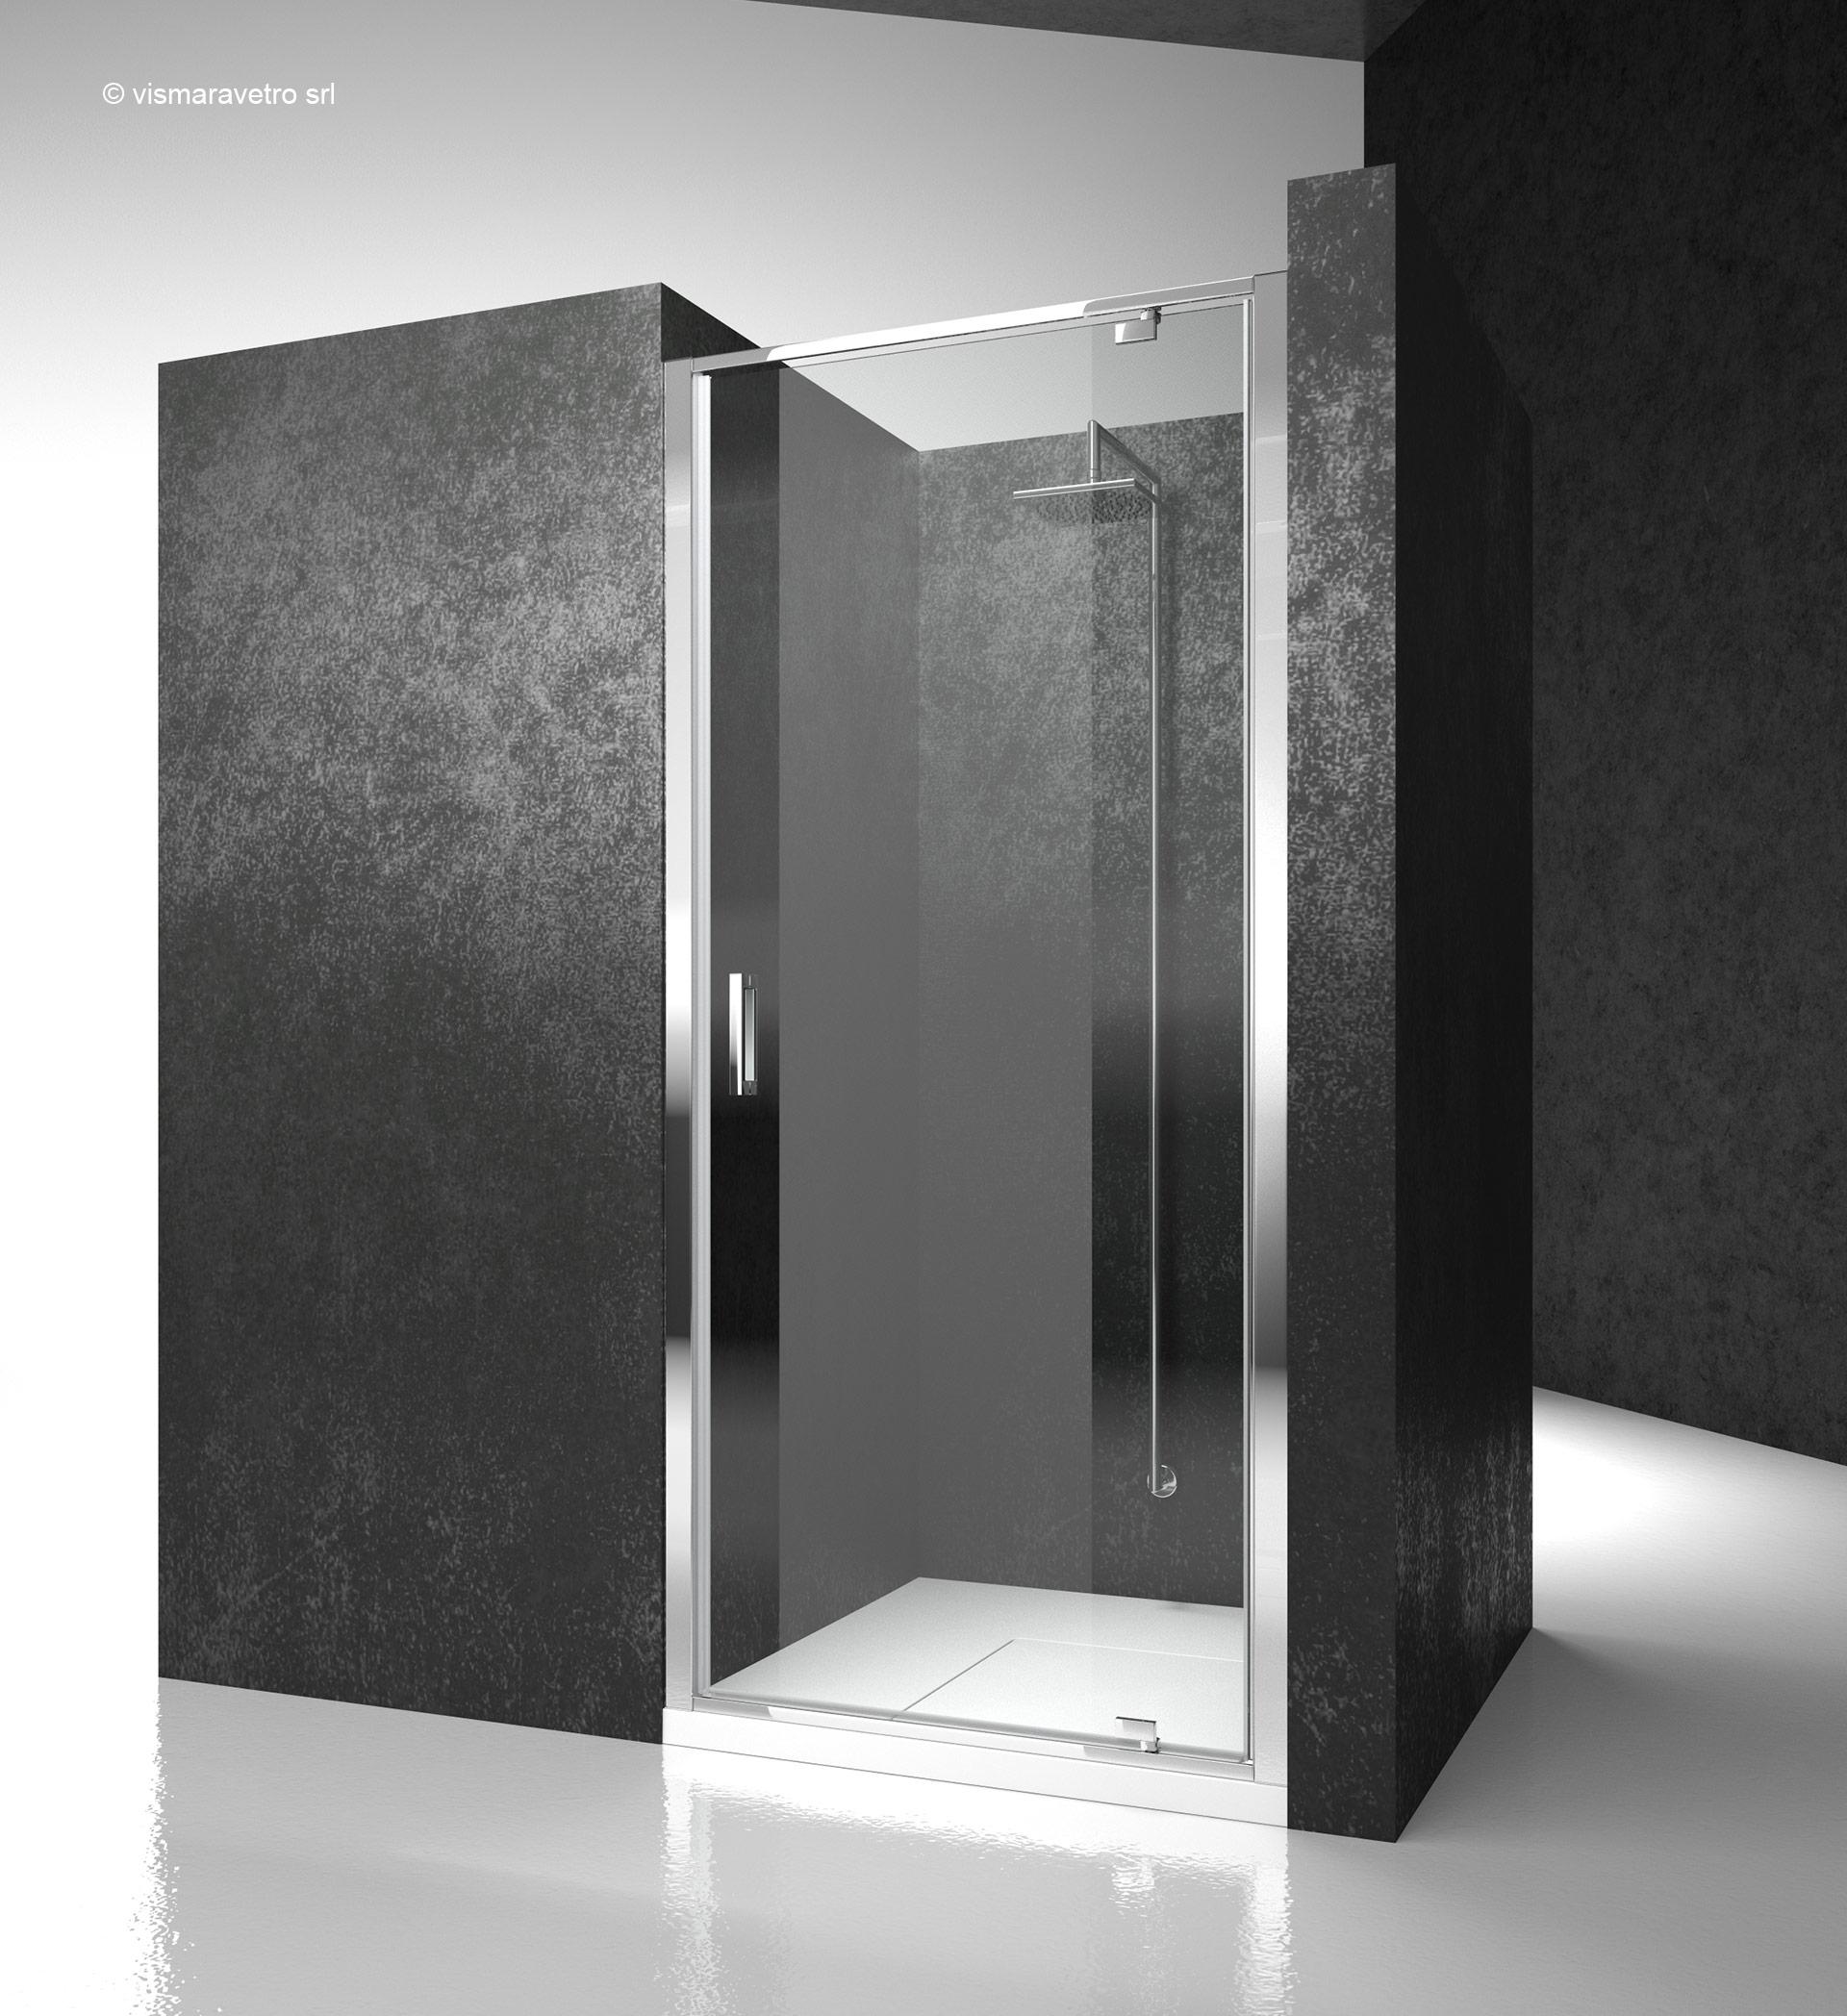 Modello ga installazione in nicchia - Costruire box doccia ...